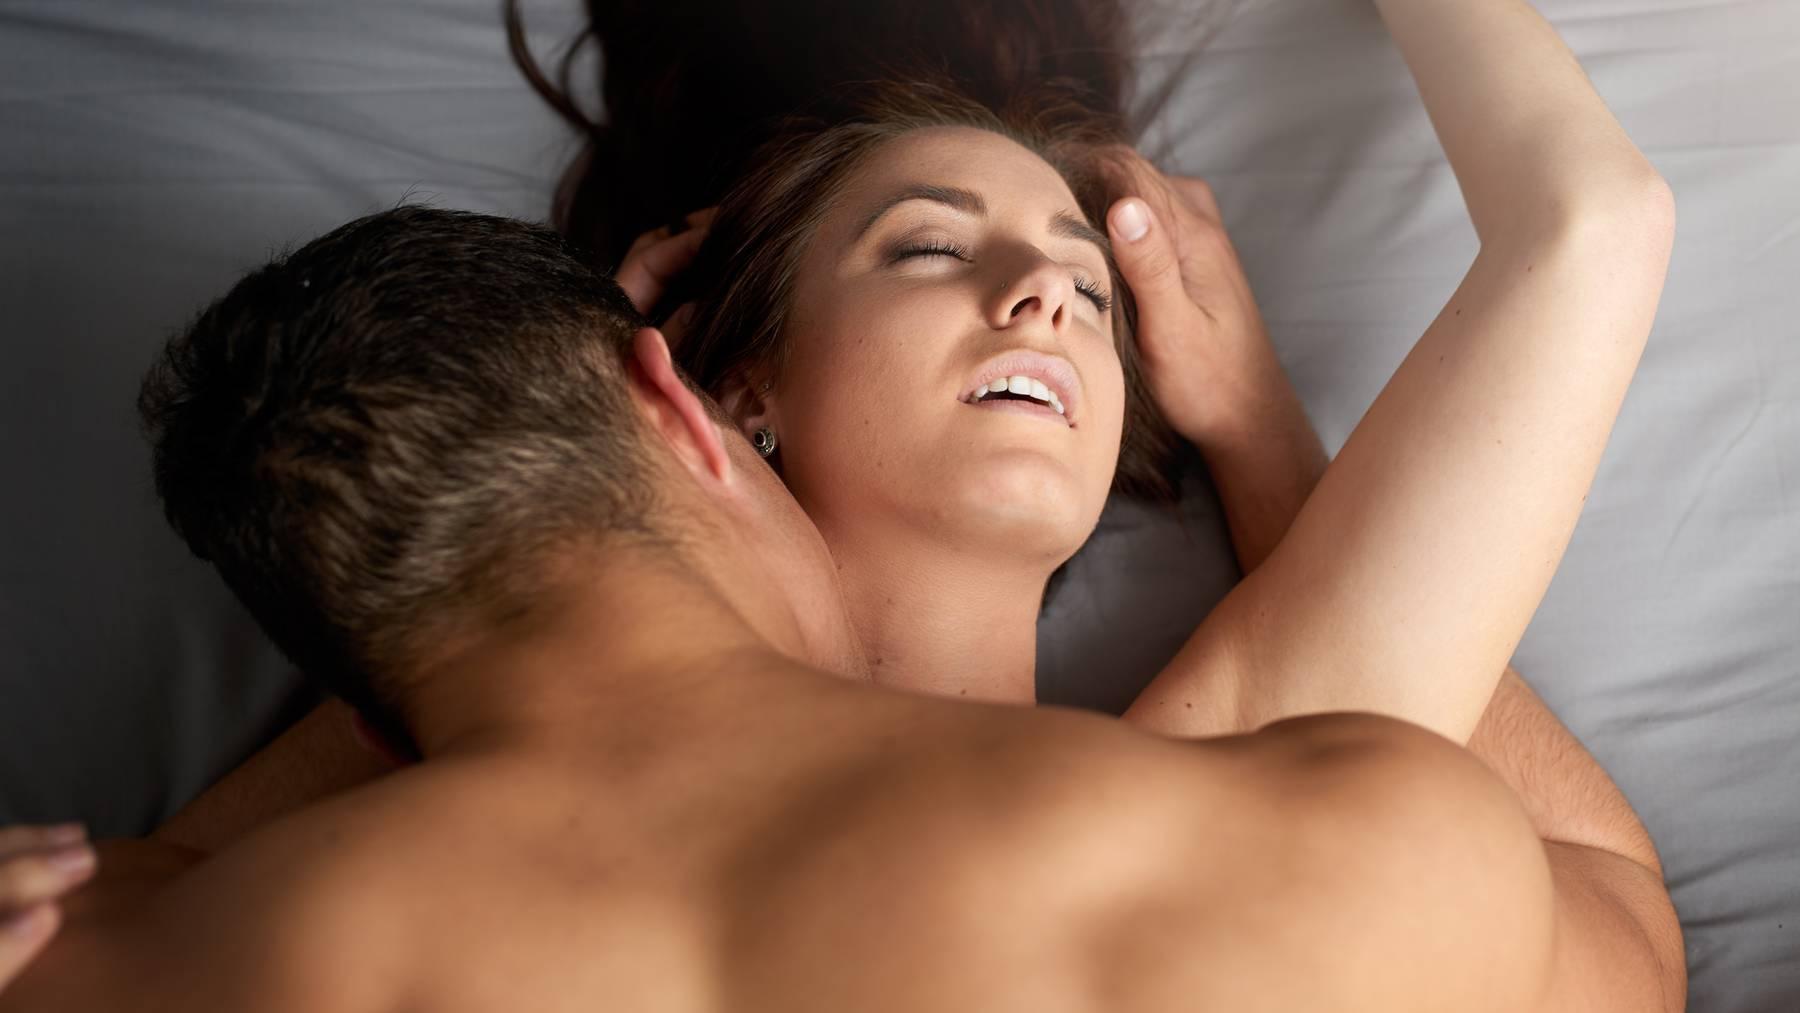 Mann und Frau im Bett beim Sex